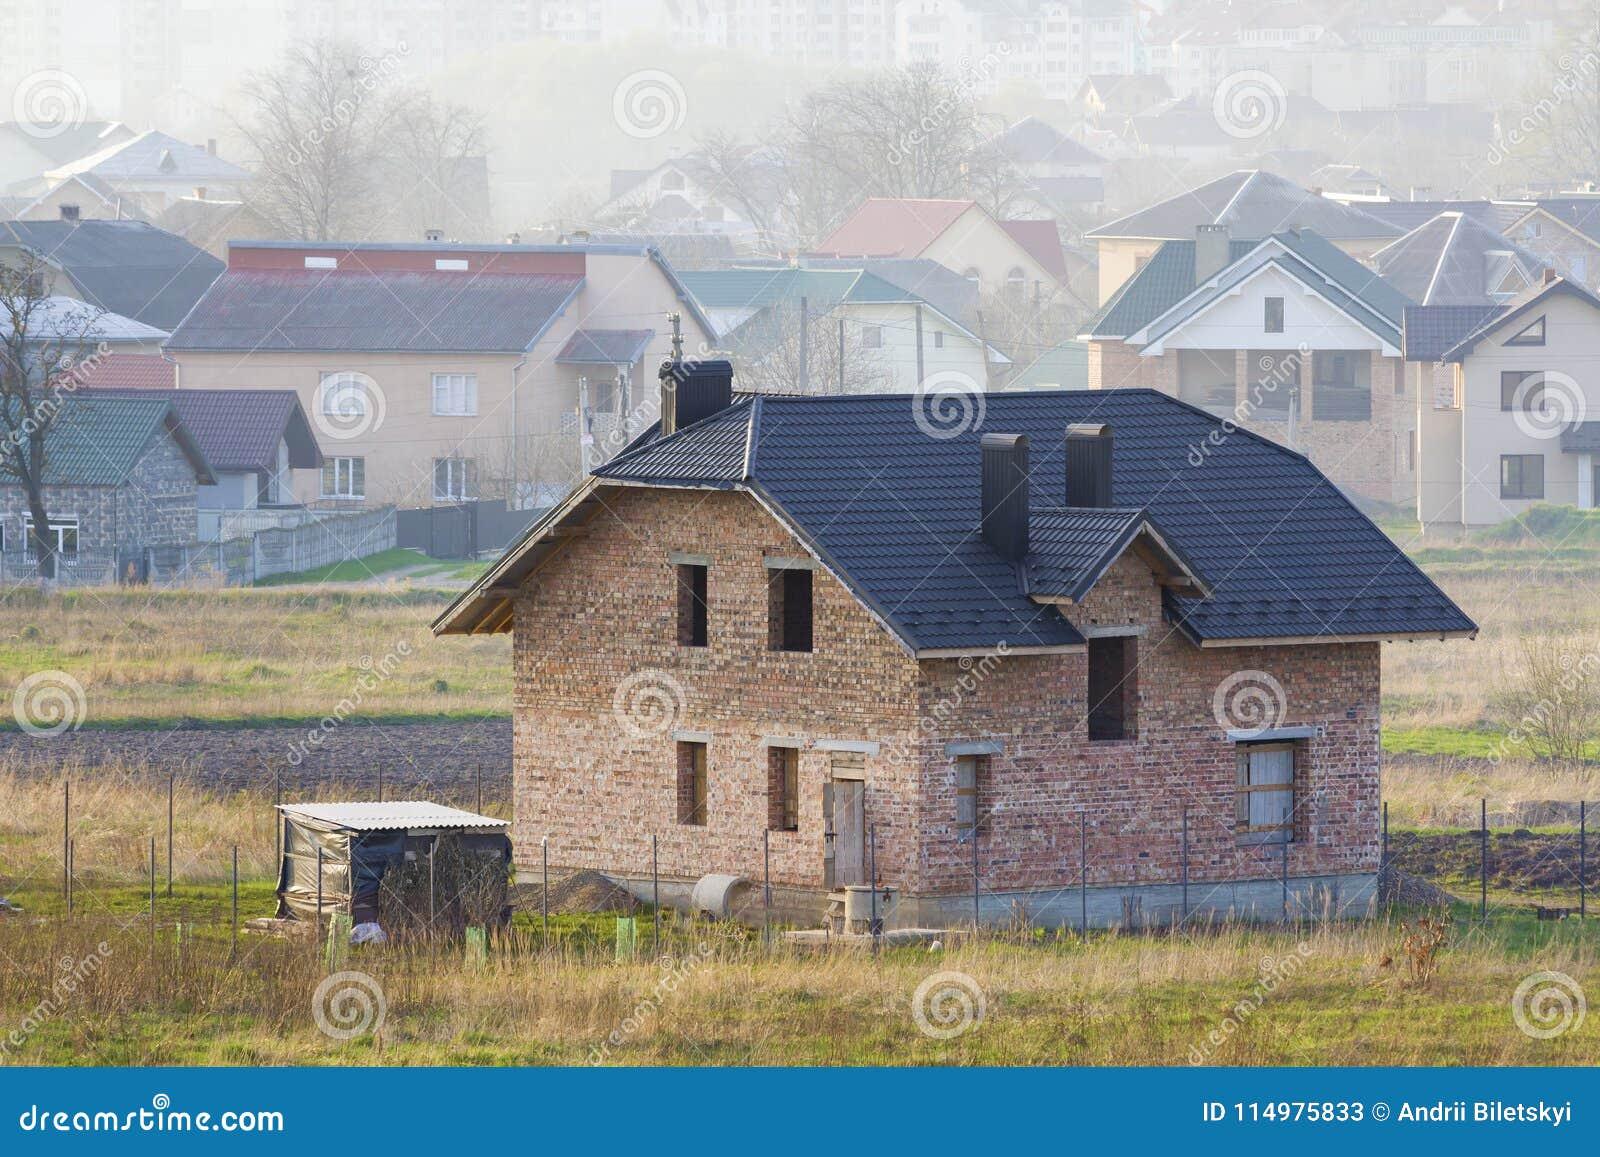 Ολοκαίνουργιο ευρύχωρο τούβλο δύο κατοικημένο σπίτι ιστορίας με την επικεράμωση